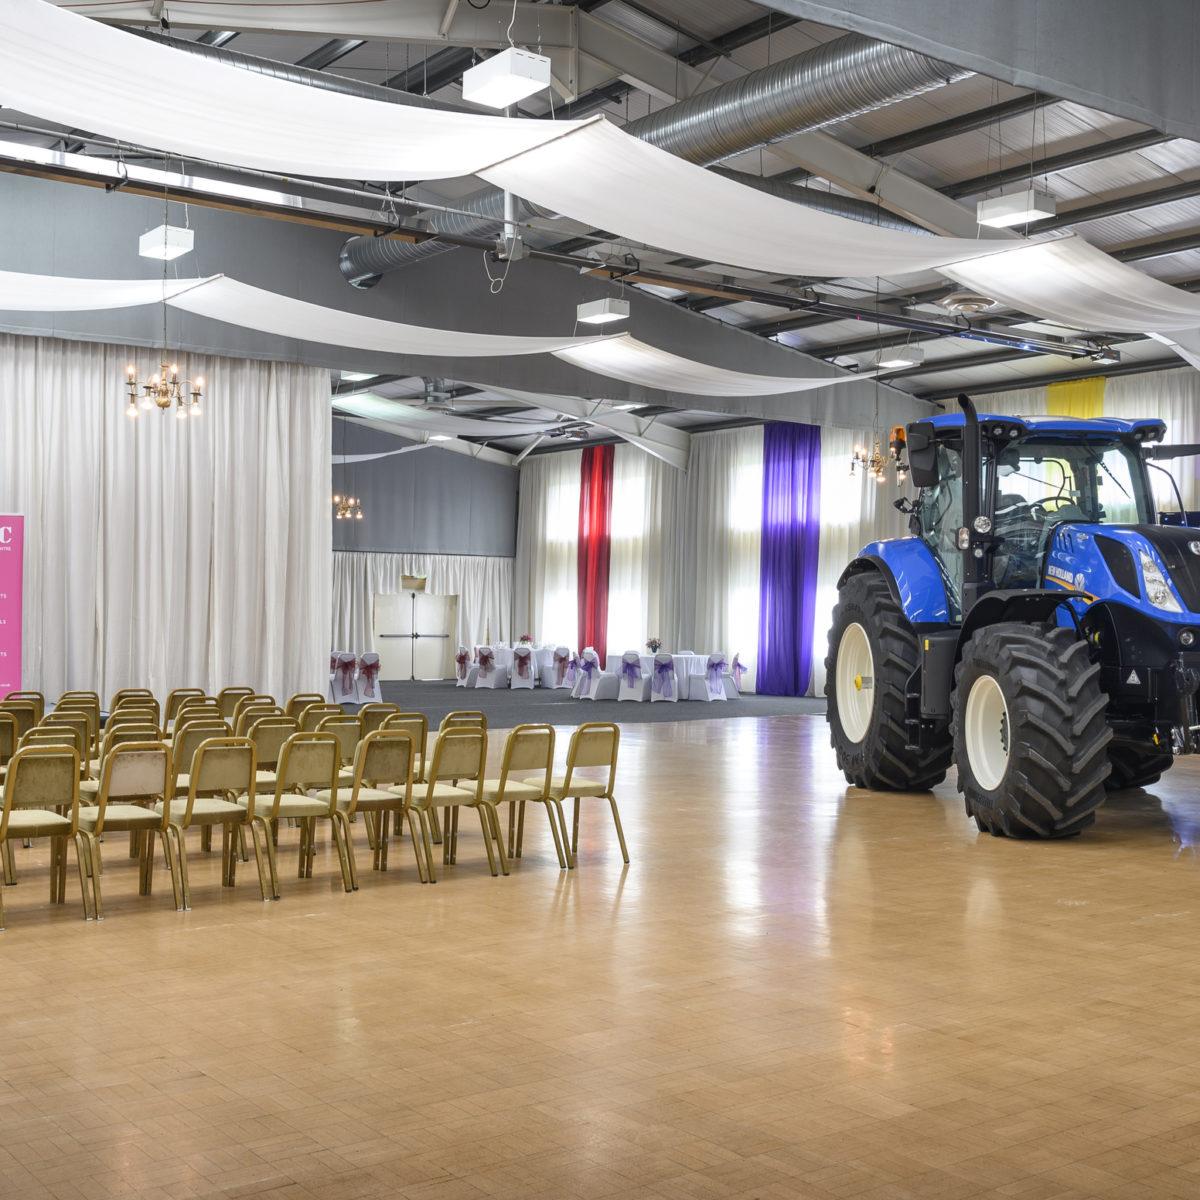 Borders Events Centre in Scotland has a large 1,000 sqm multi-purpose hall